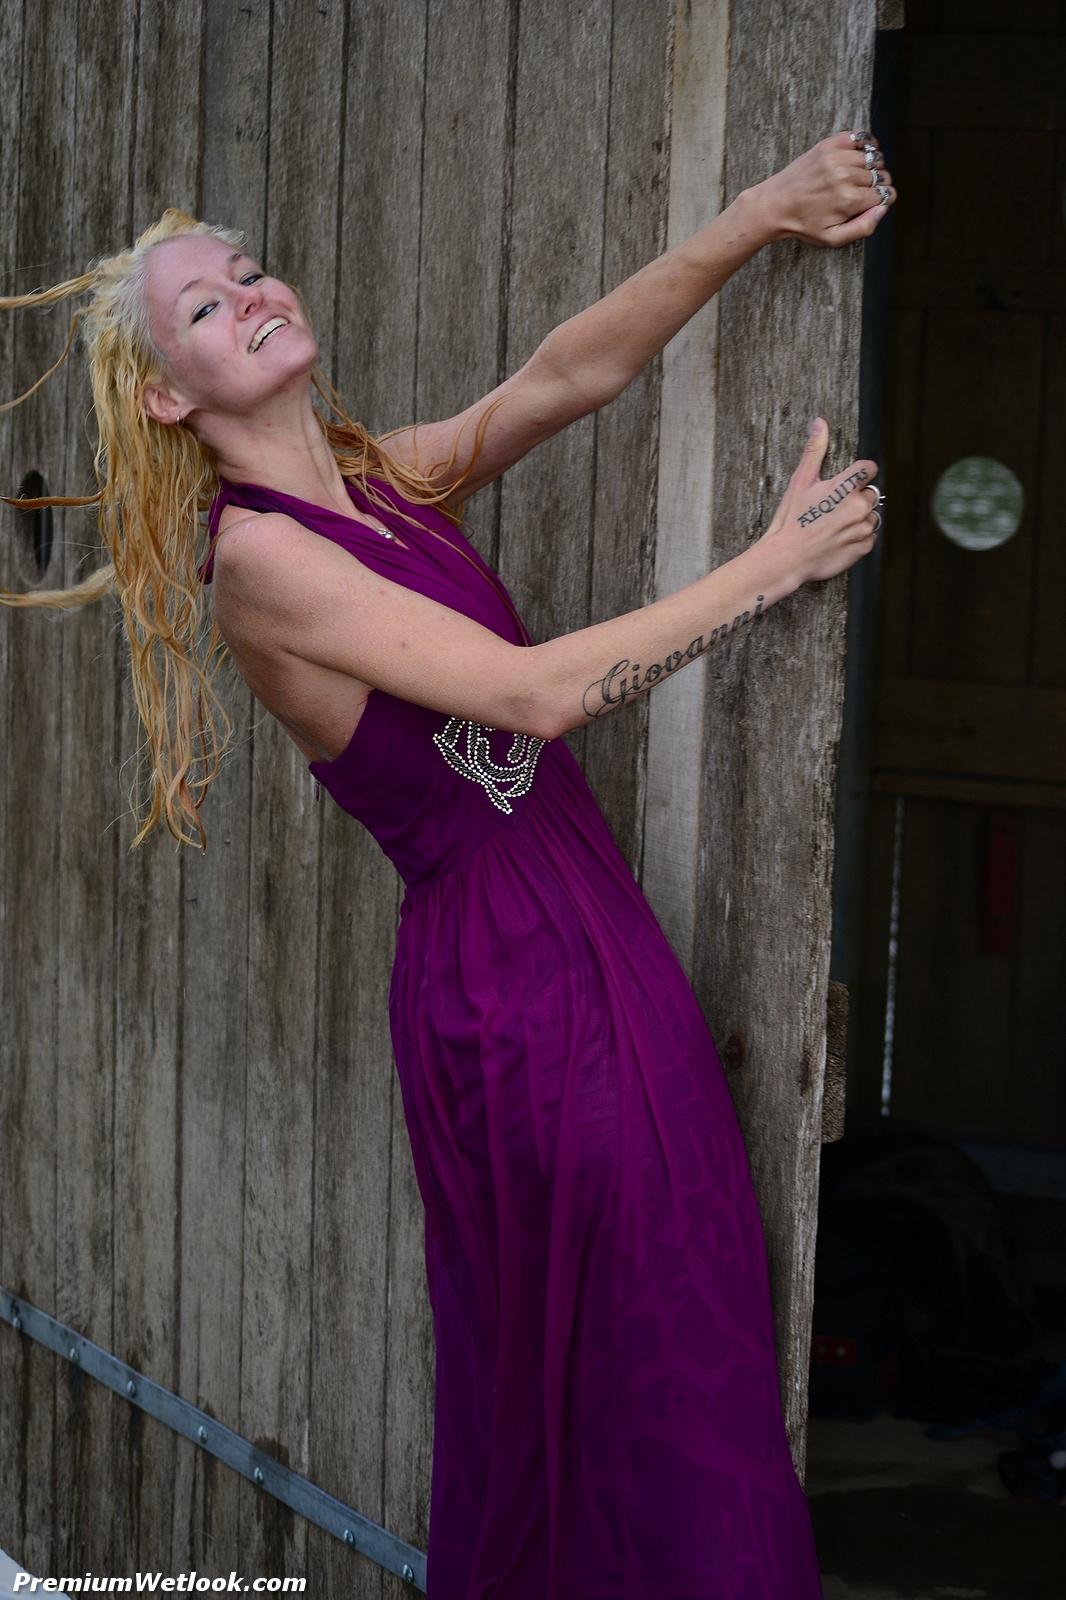 Sietske In A Long Purple Dress Gets Her Long Blond Hair